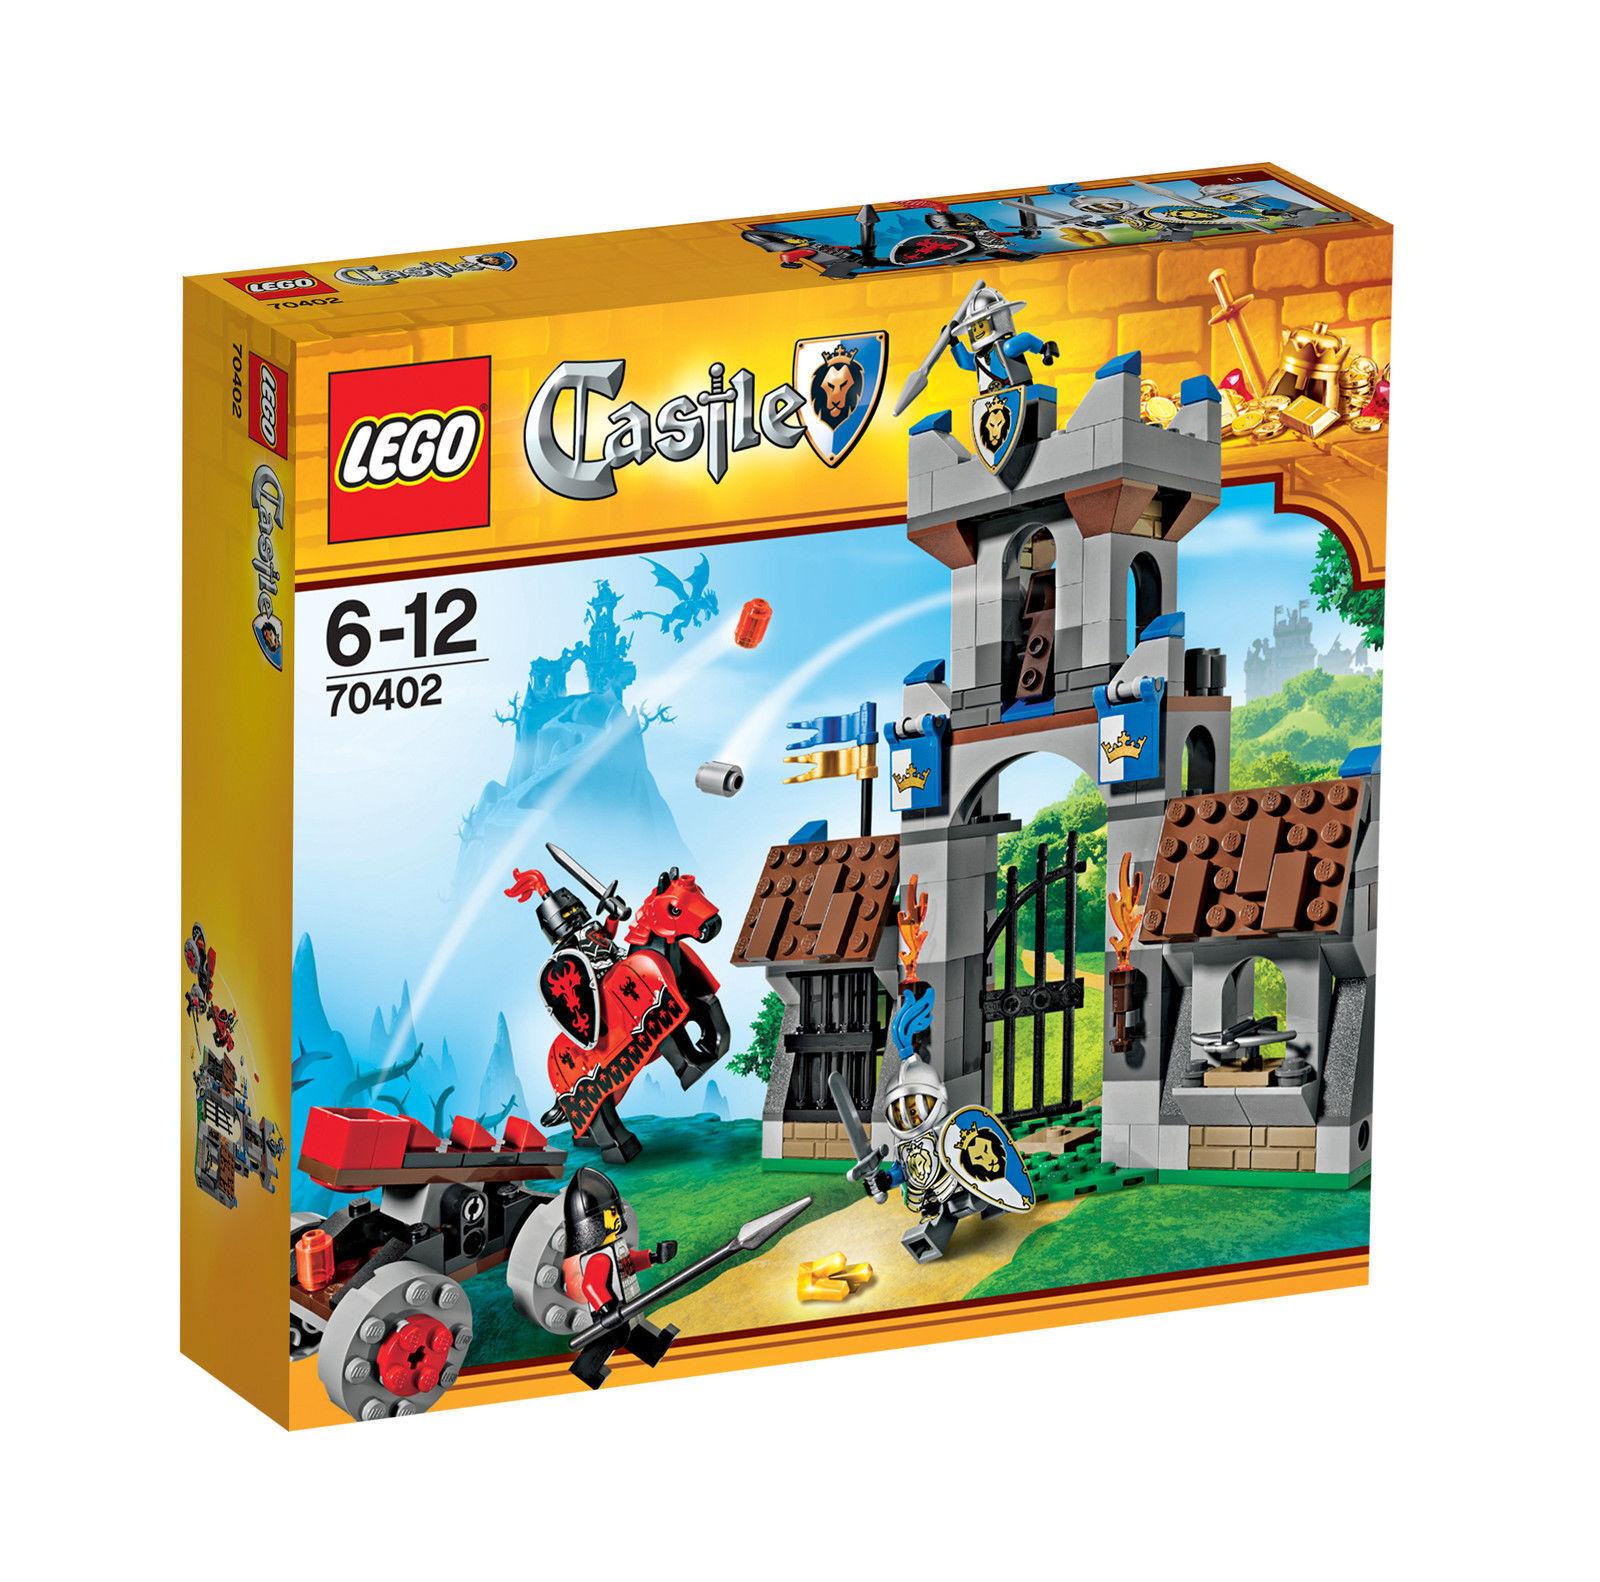 LEGO Castle greeneidigung des des des Wachturms (70402) 33346c